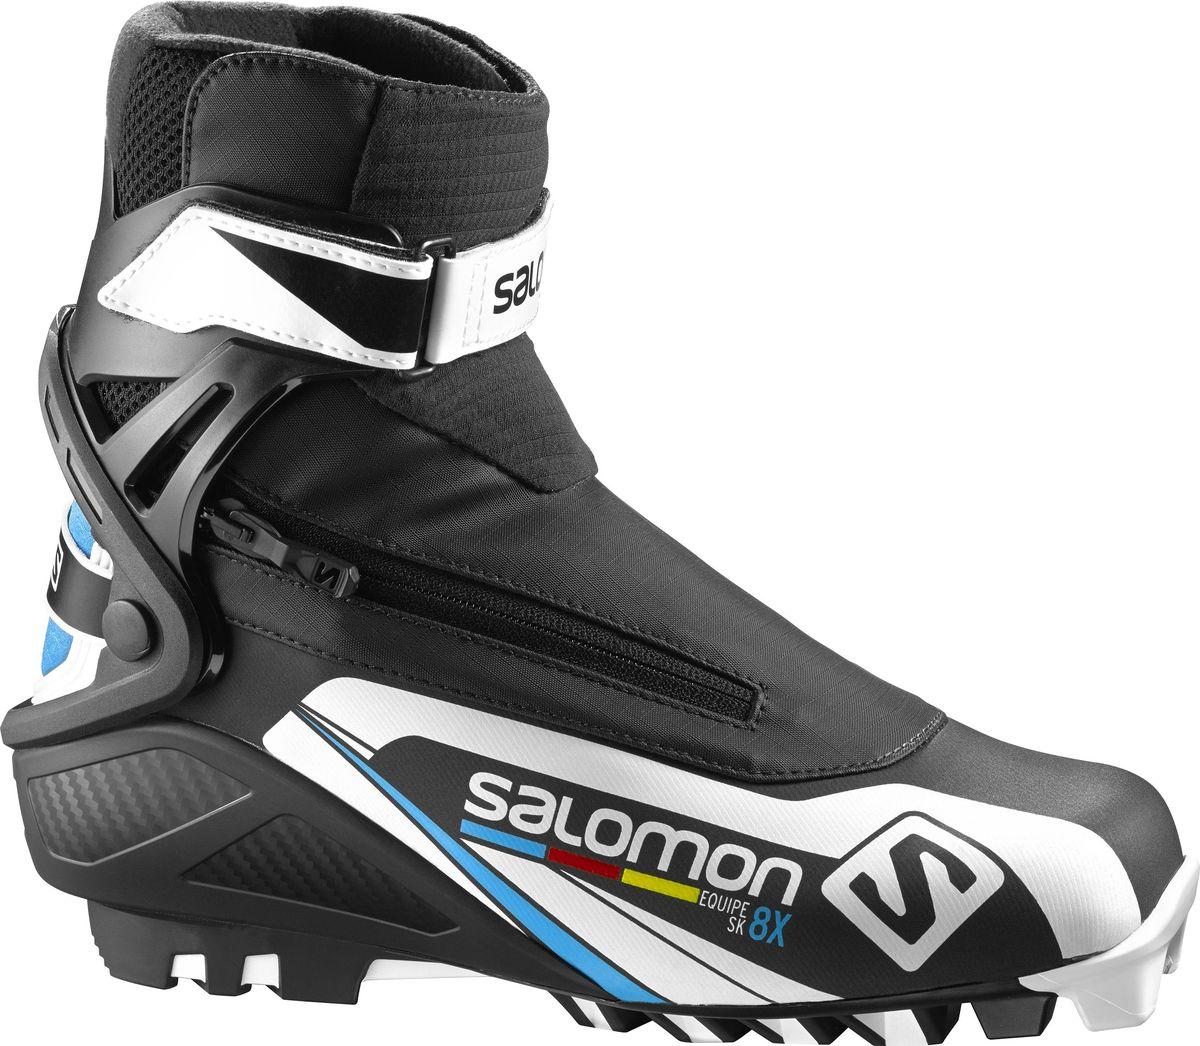 Ботинки для беговых лыж Salomon Equipe 8X Skate, цвет: черный. Размер 9 (42)L39187800В ботинках Salomon Equipe 8X Skate совмещены системы термоформовки Custom fit с инновационной раздельной системой быстрого шнурования для великолепного комфорта. Манжета Energyzer cuff обеспечит мощную и прогрессивную боковую поддержку. Ботинки созданы для любителей лыжного спорта, ценящих рабочие характеристики и желающих приобрести ботинки по доступной цене.